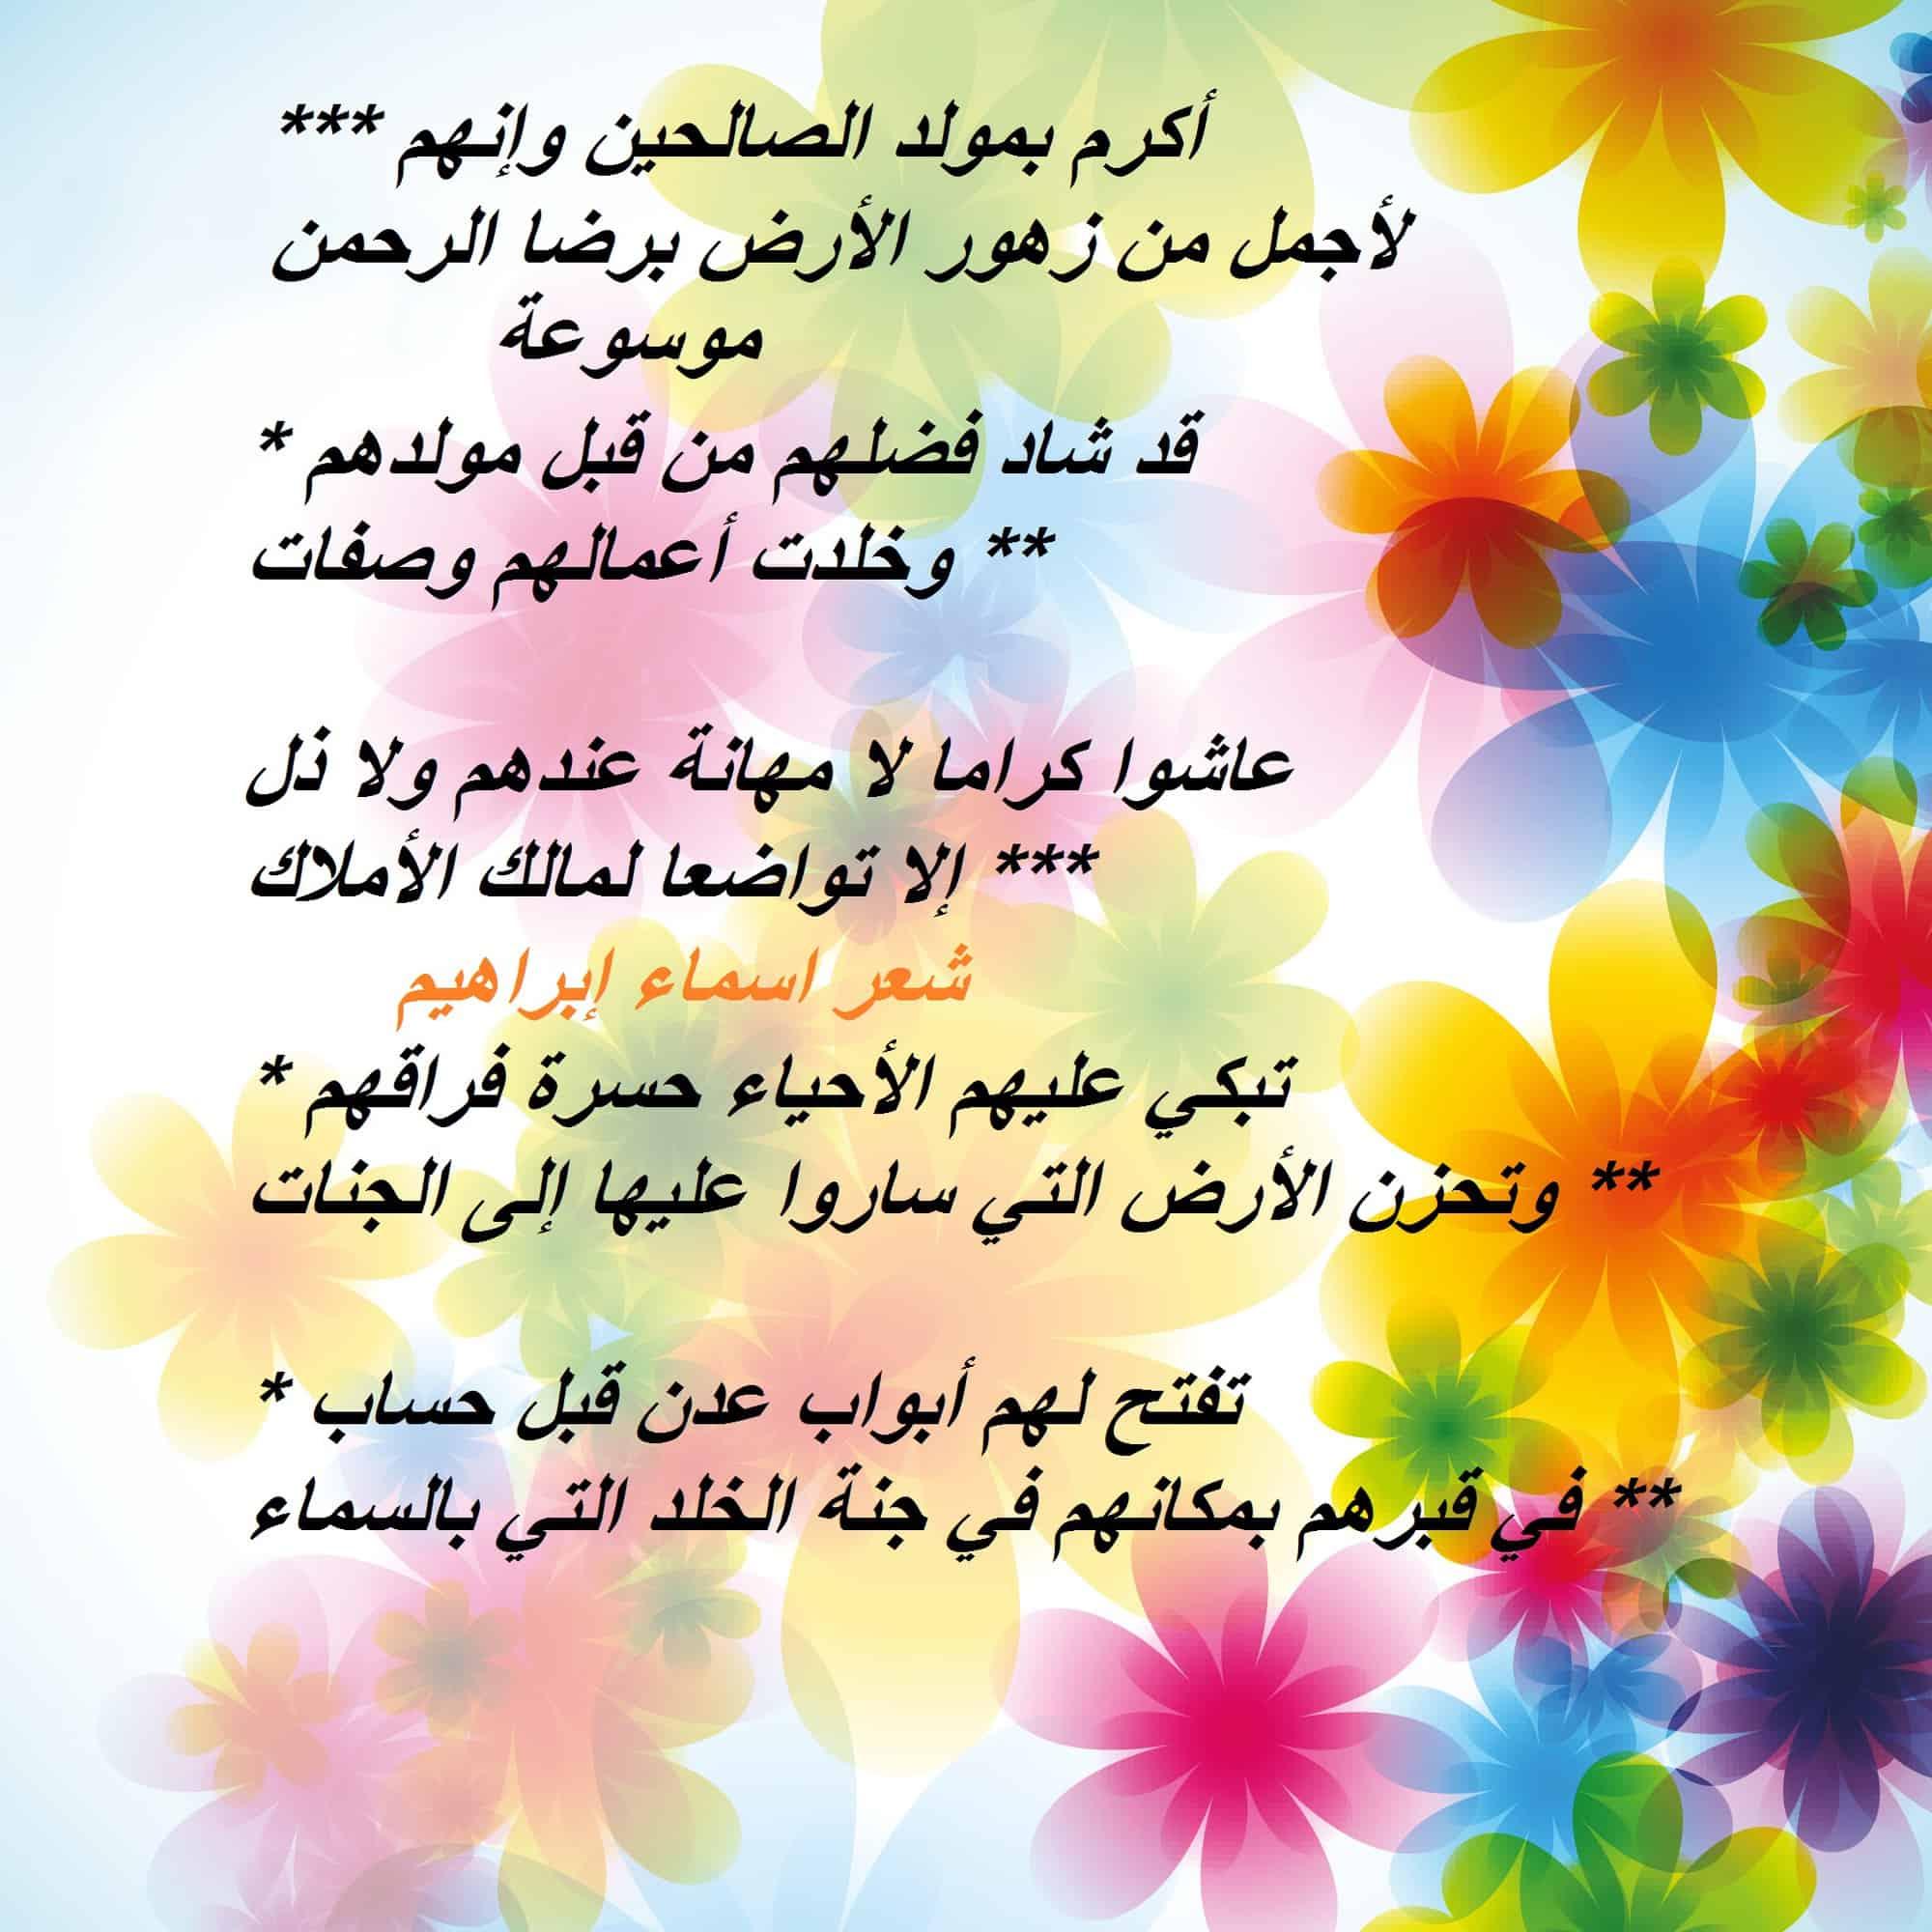 شعر تهنئة عيد ميلاد- أسماء إبراهيم